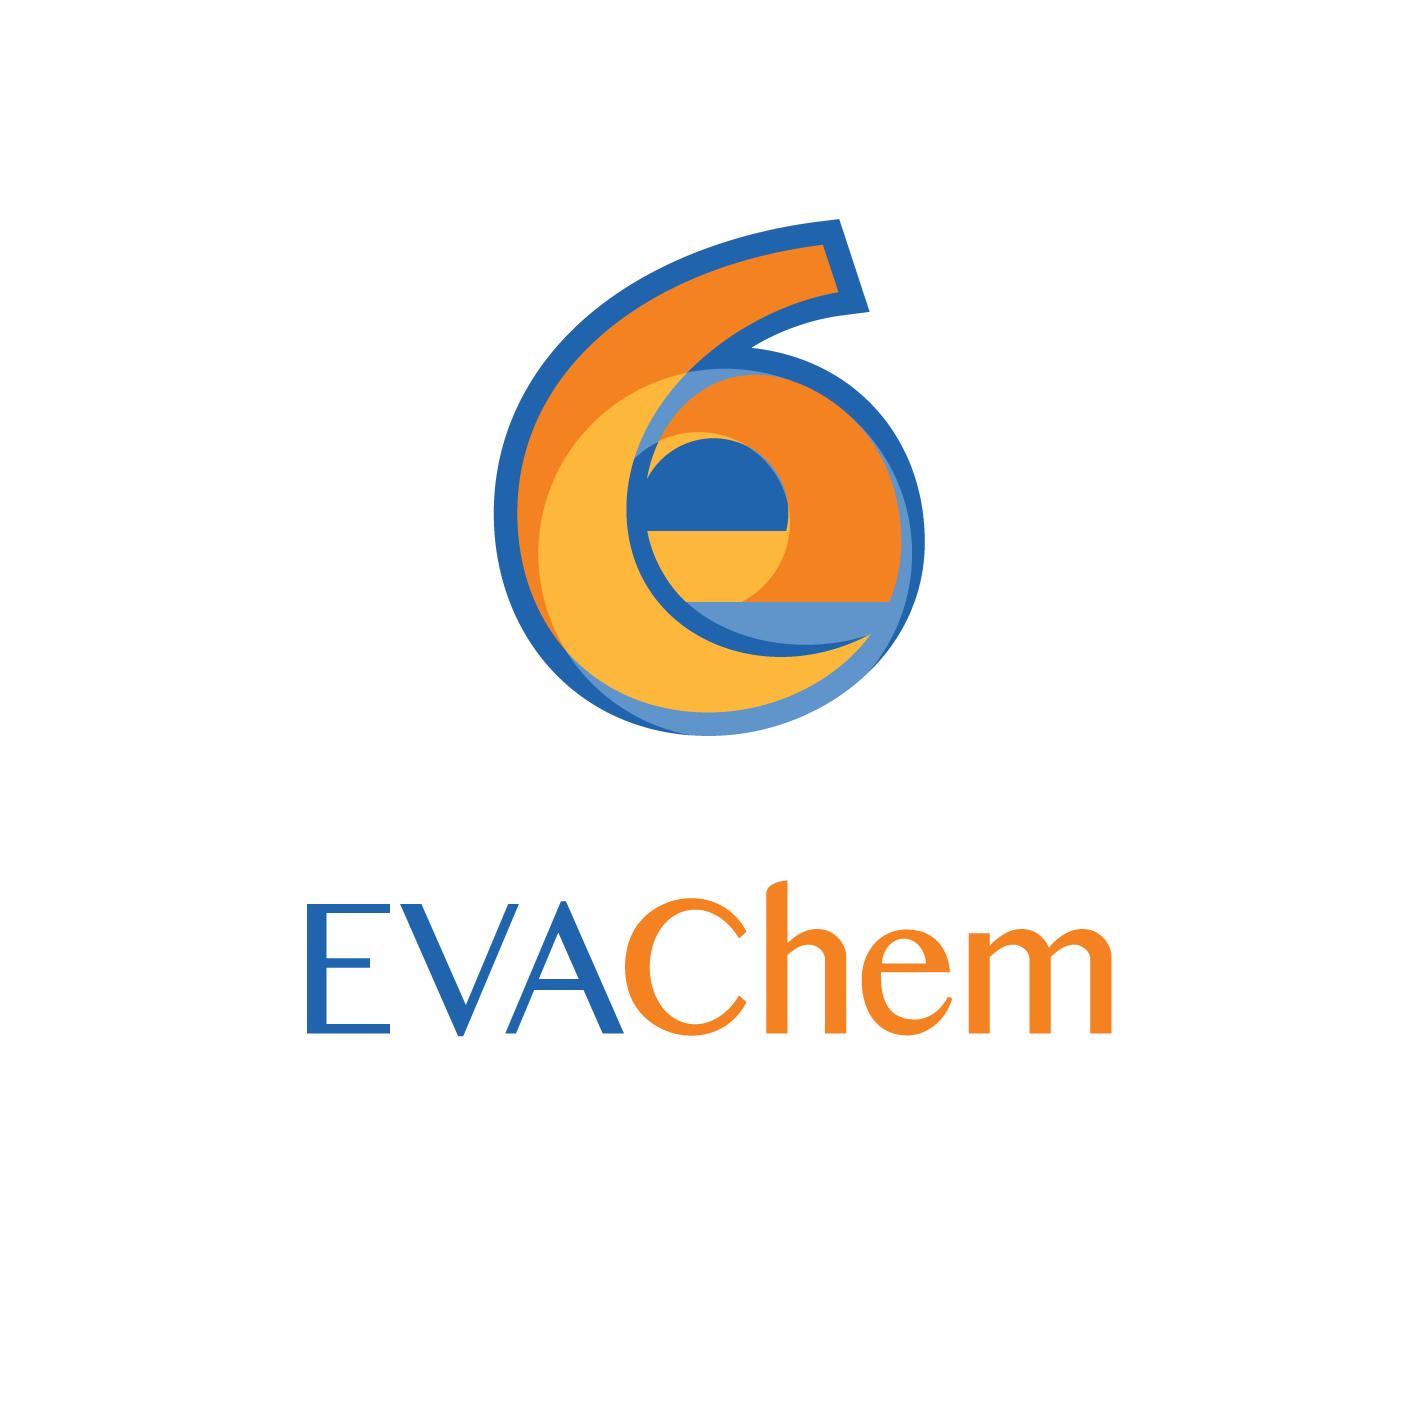 Разработка логотипа и фирменного стиля компании фото f_877571e8cef0b536.png